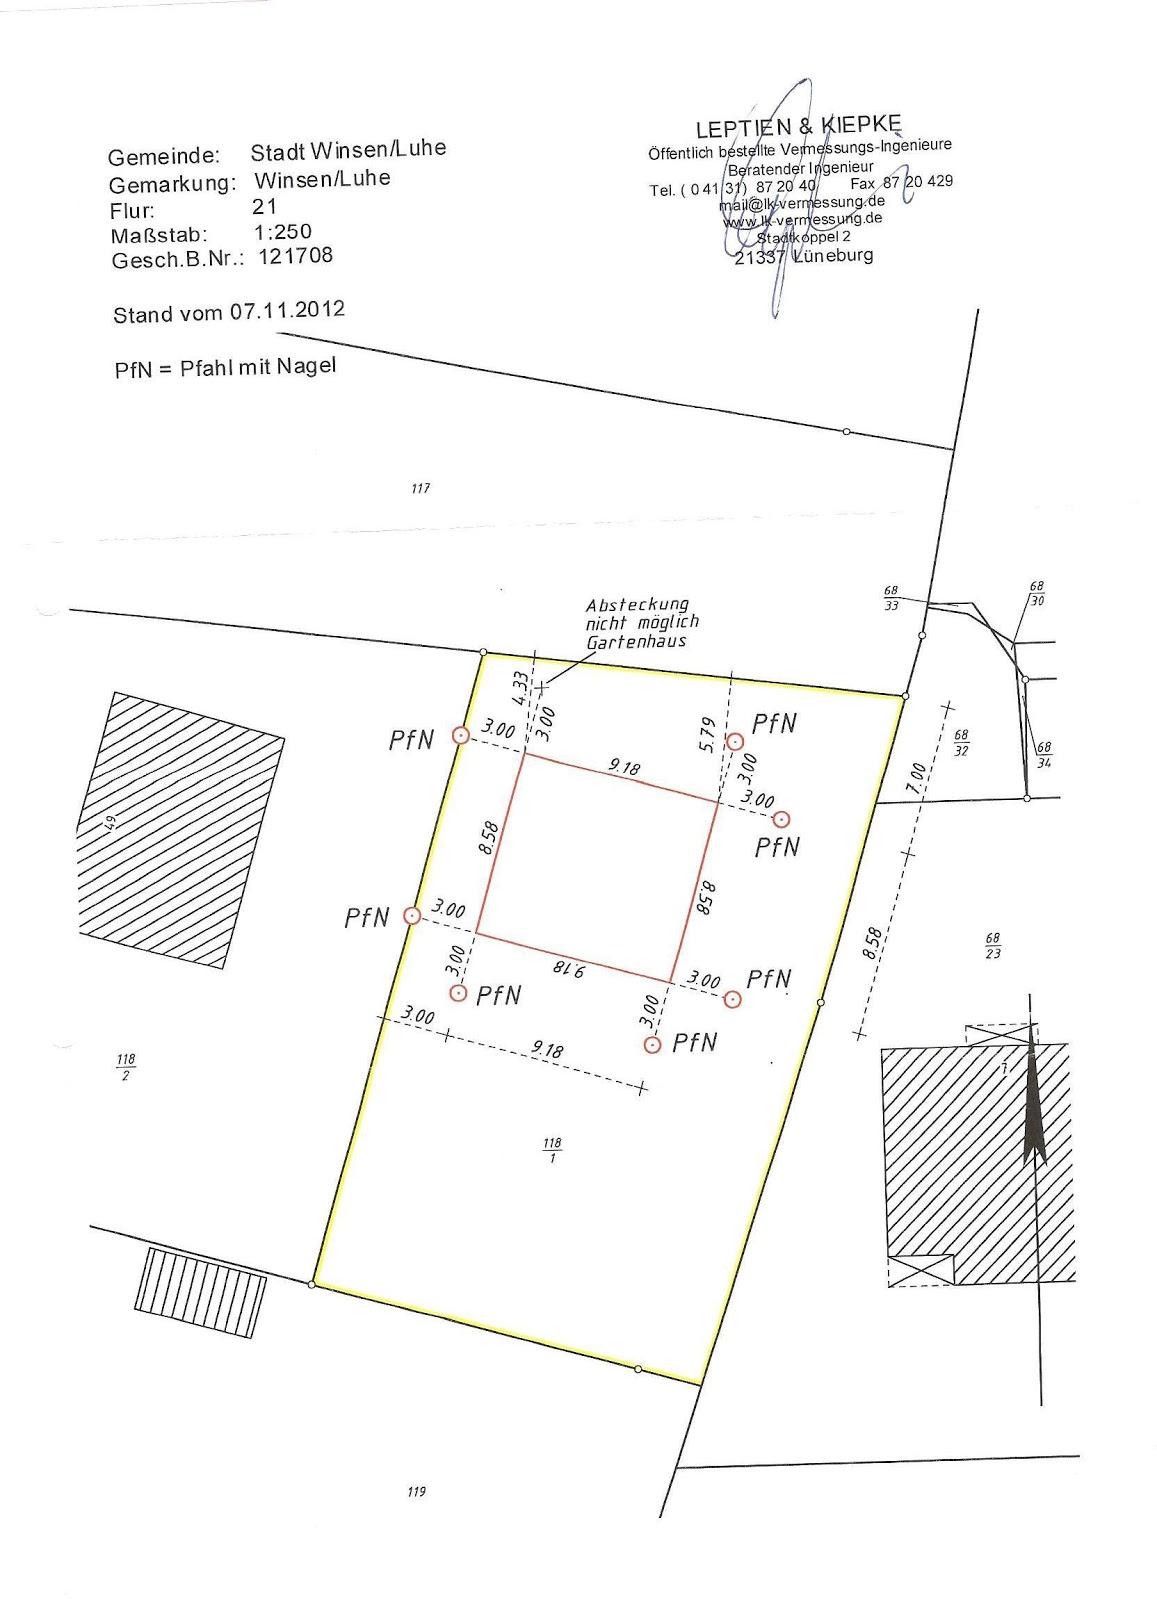 familie bruns baut ein danwood haus point 127 vermessung und bodengutachten. Black Bedroom Furniture Sets. Home Design Ideas